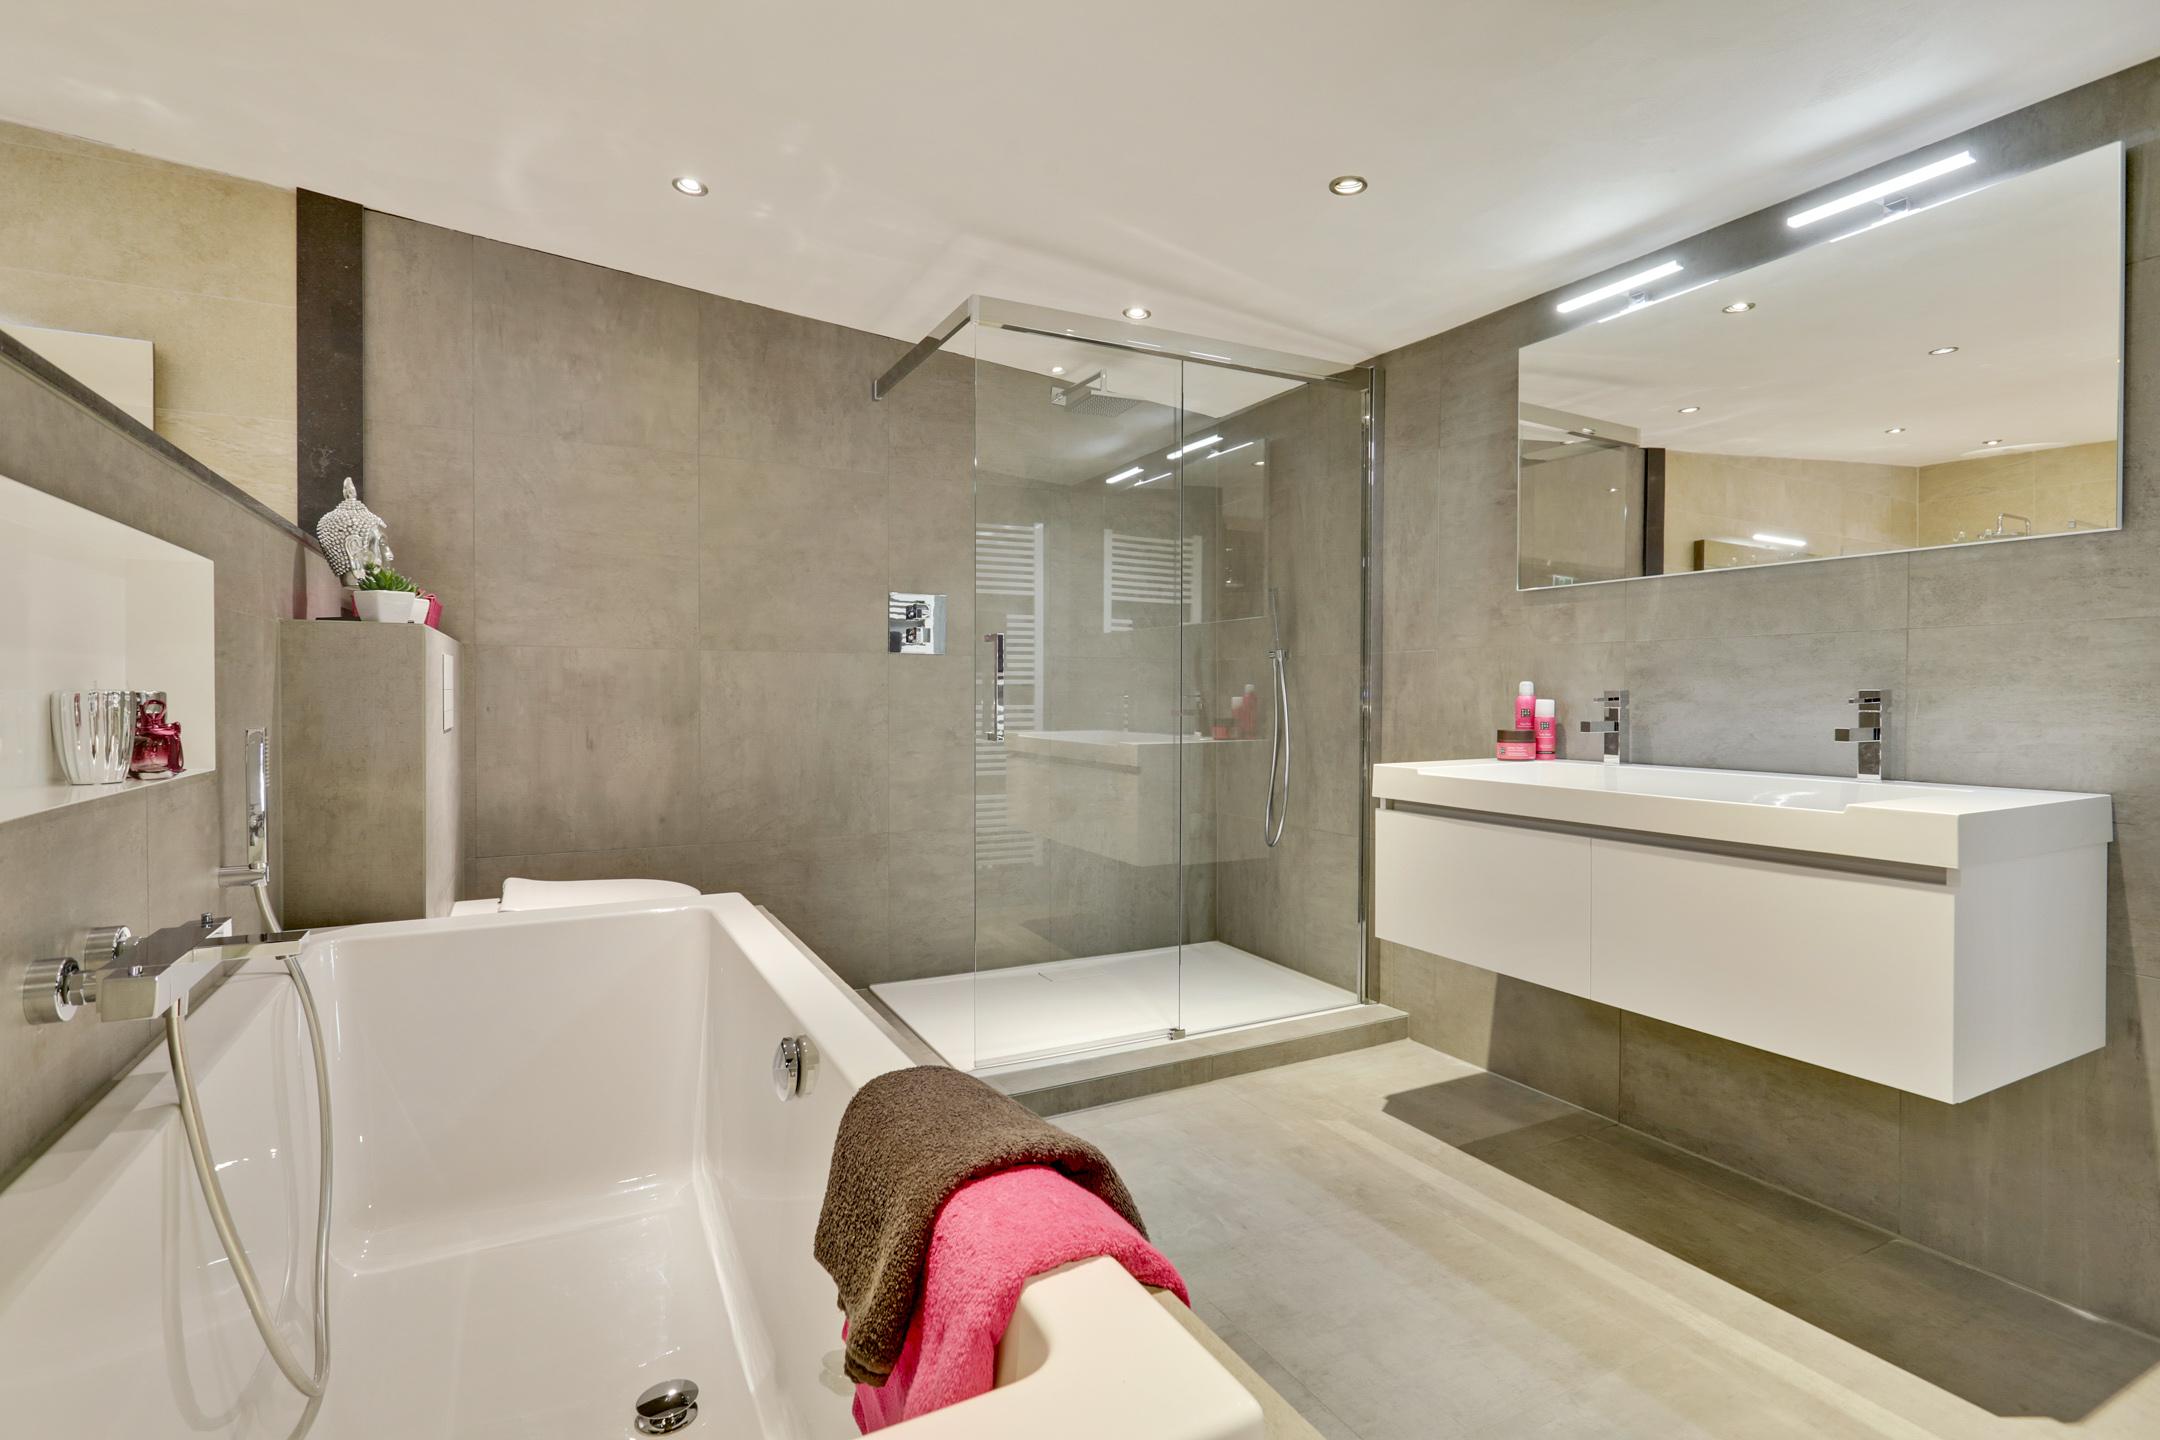 Complete Badkamer Voor : Complete badkamer stone